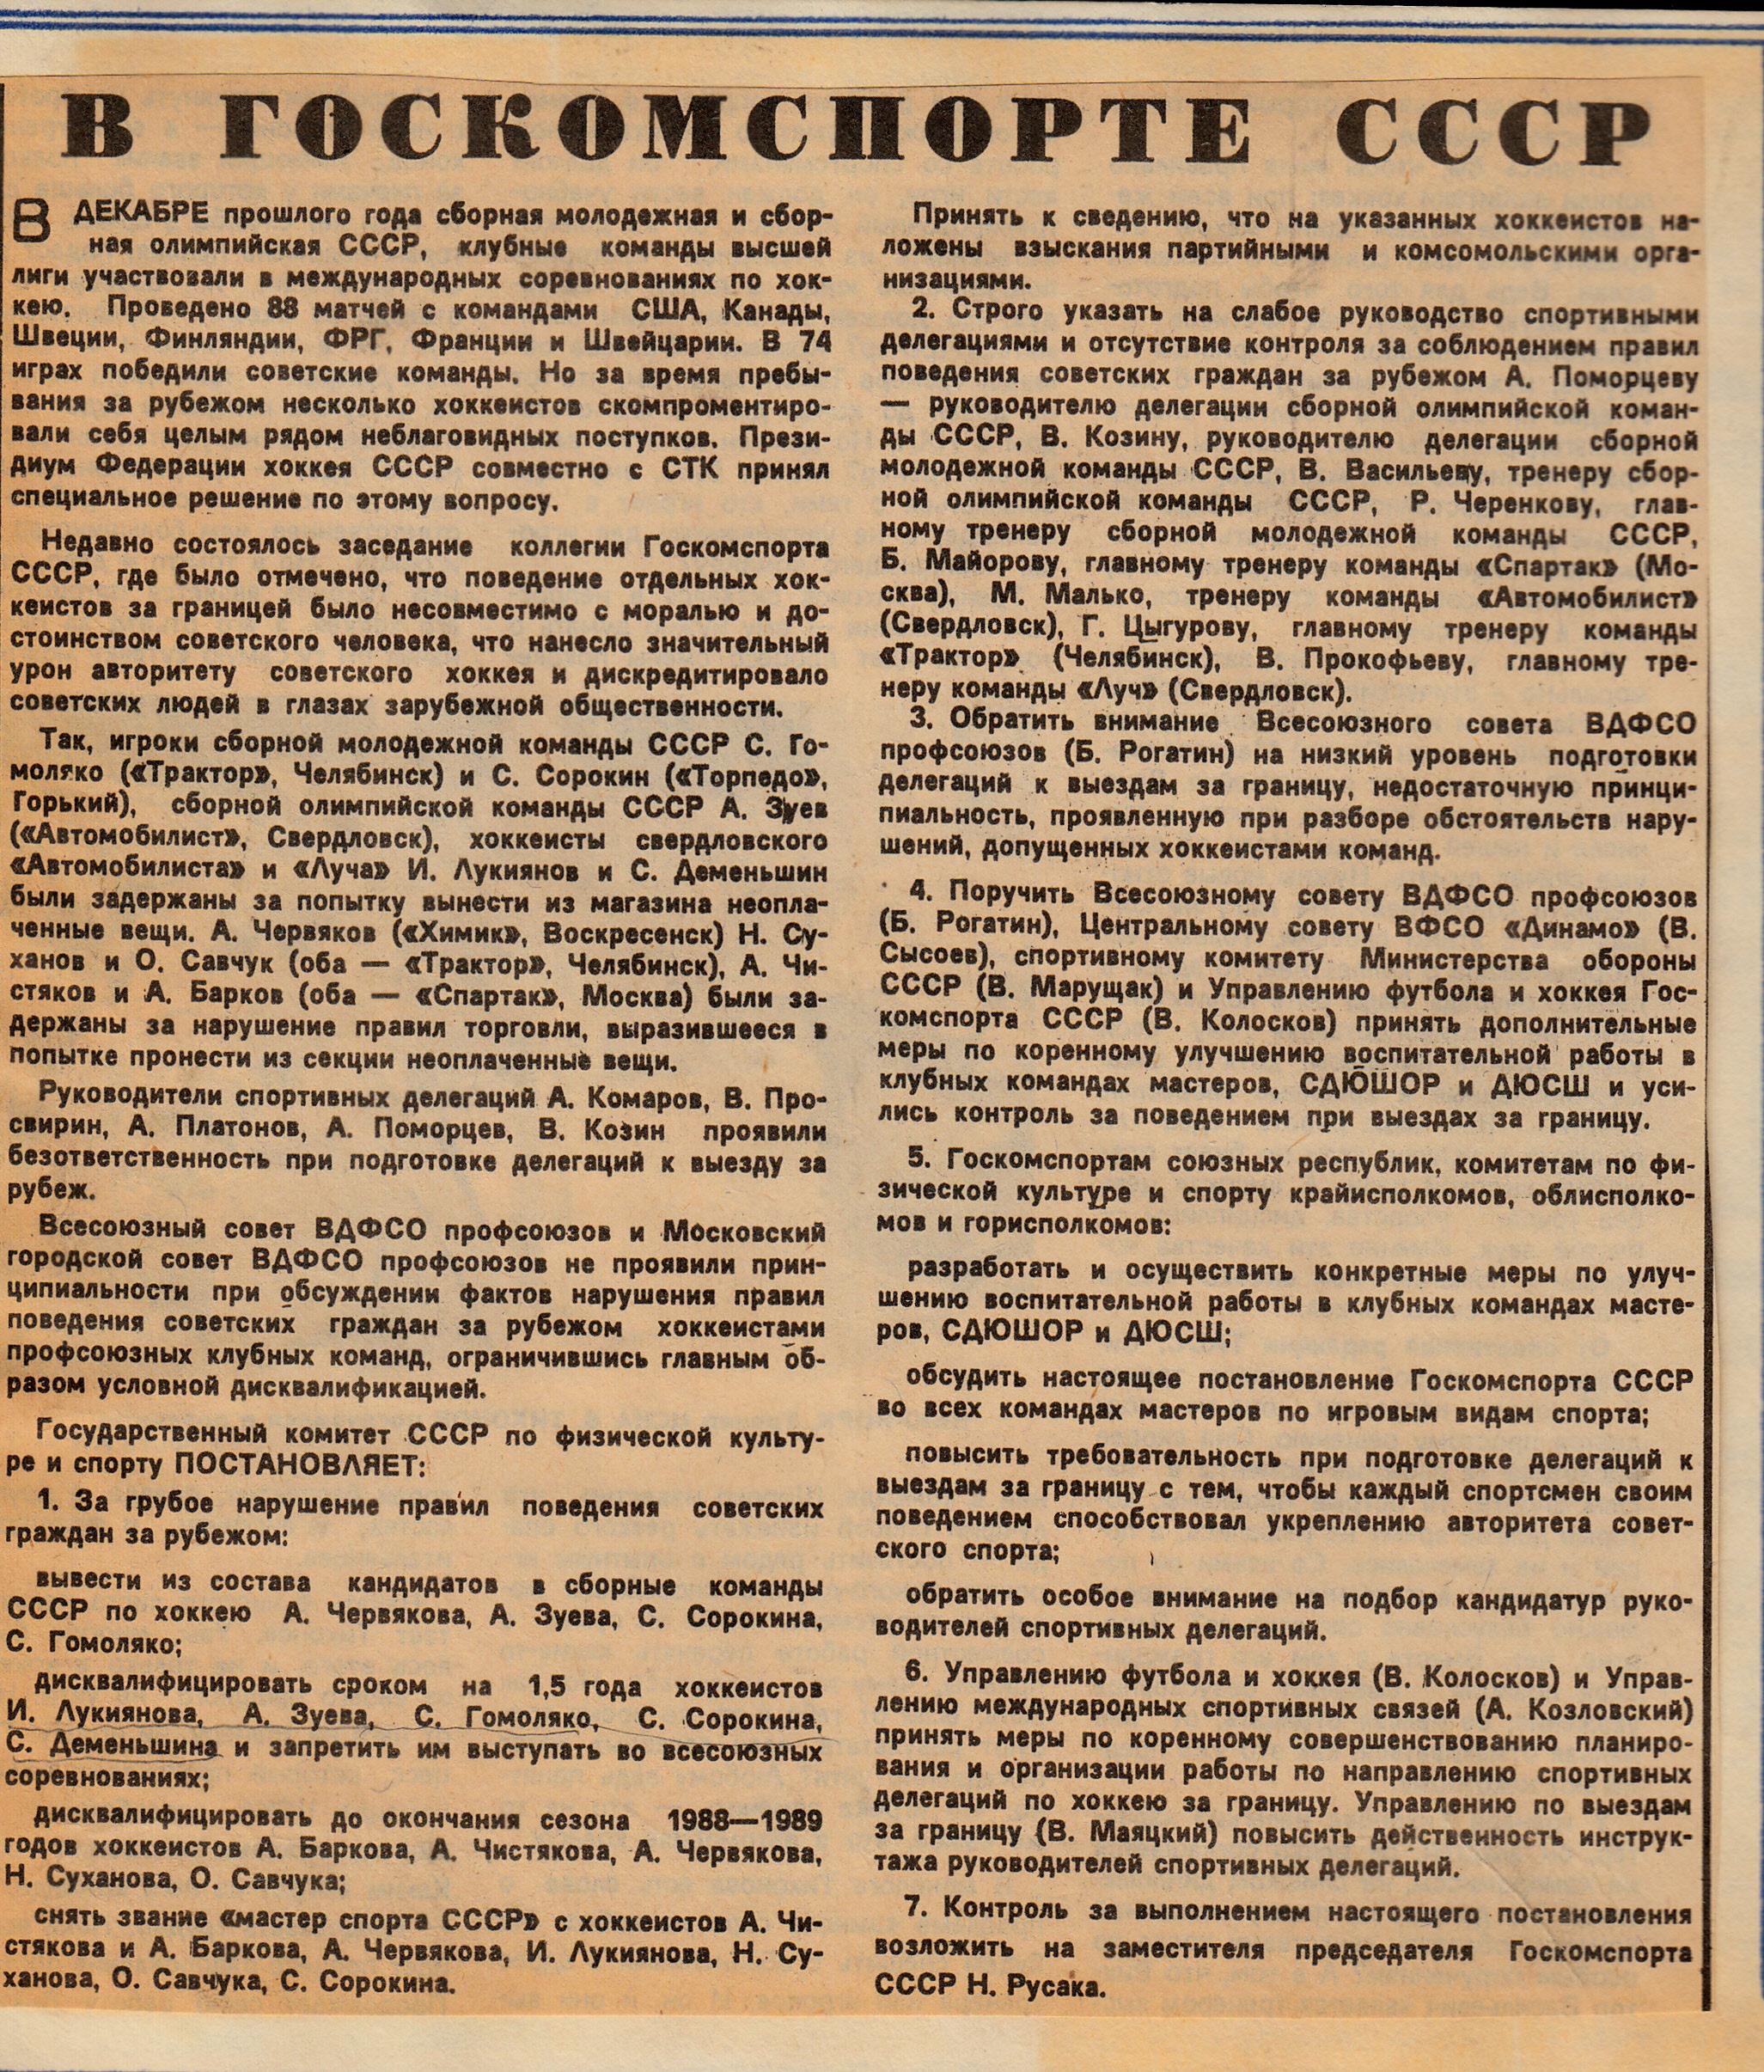 госкомспорт_01_1989_NEW.jpg